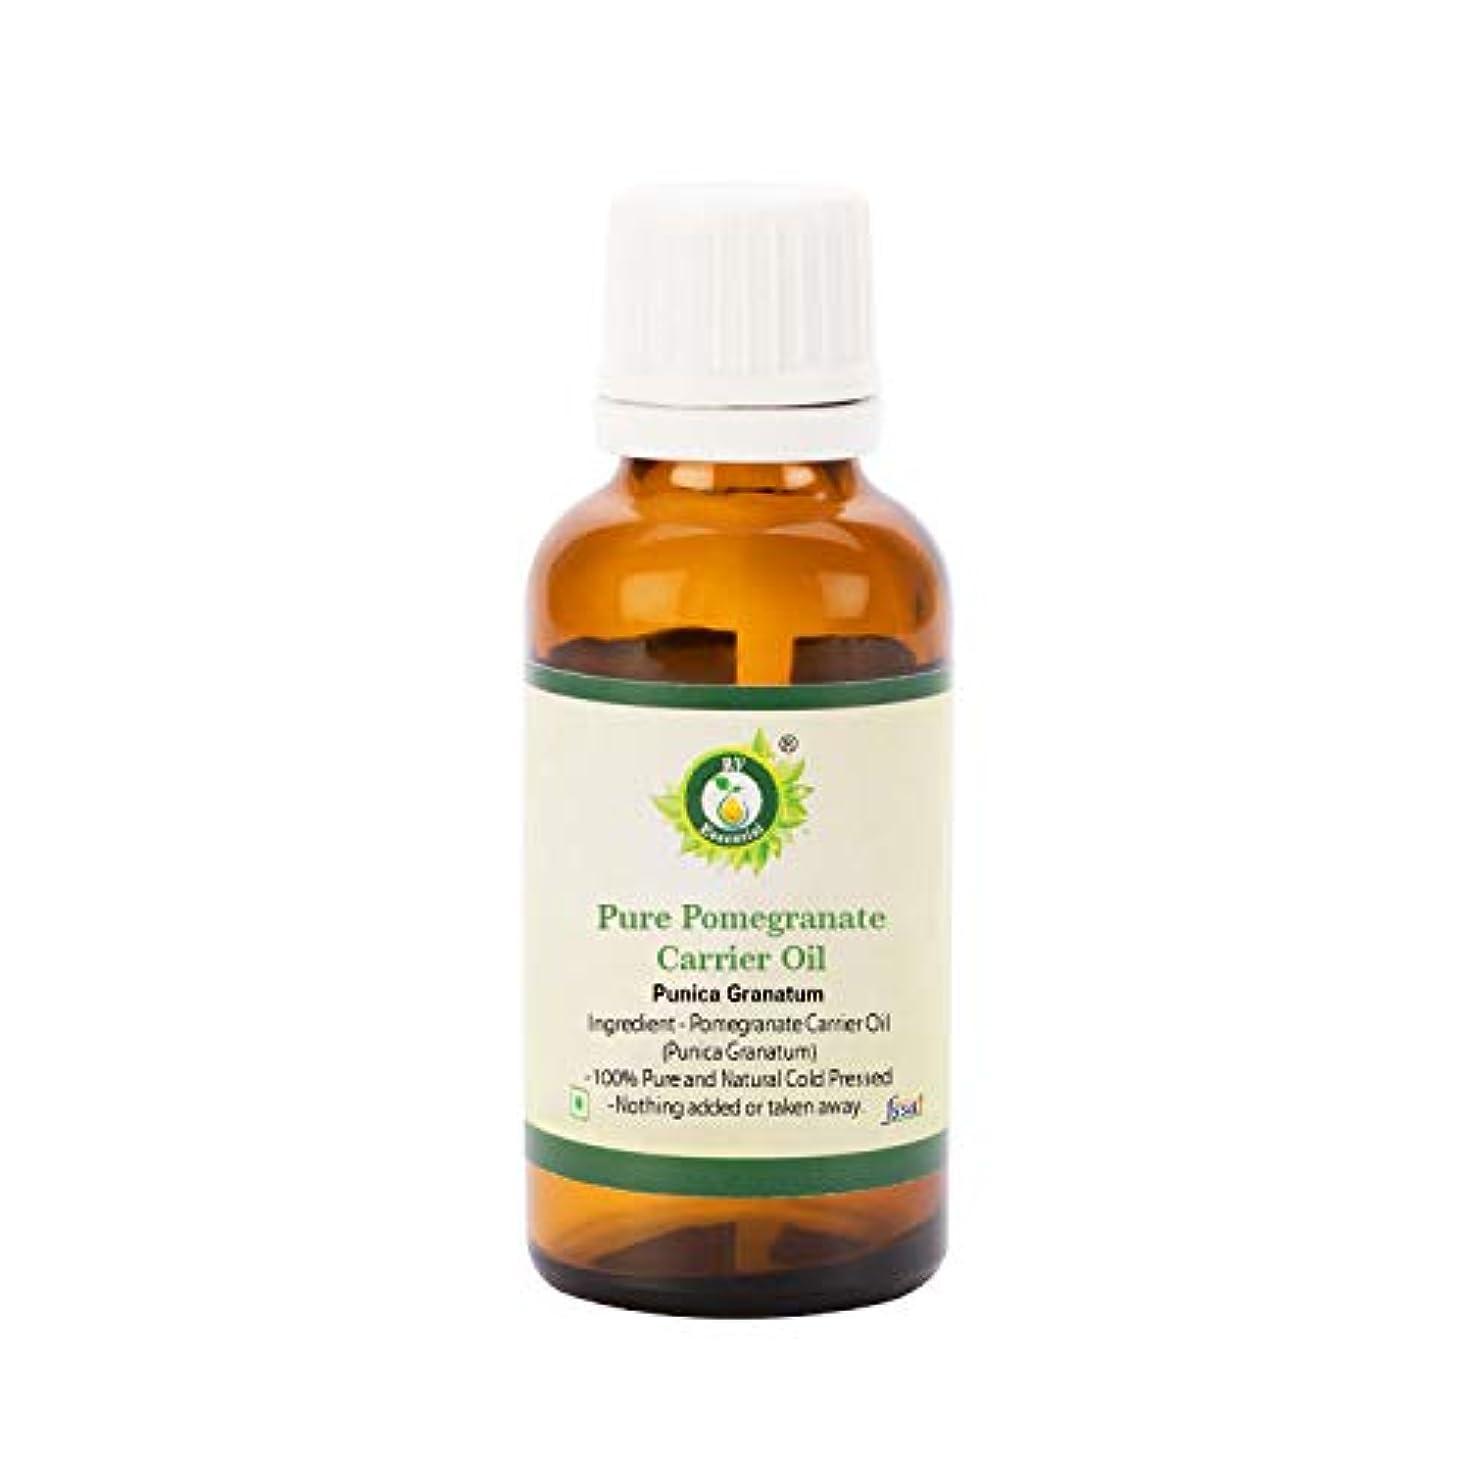 オーバーフロープーノ滝R V Essential 純粋なザクロのキャリアオイル30ml (1.01oz)- Punica Granatum (100%ピュア&ナチュラルコールドPressed) Pure Pomegranate Carrier...